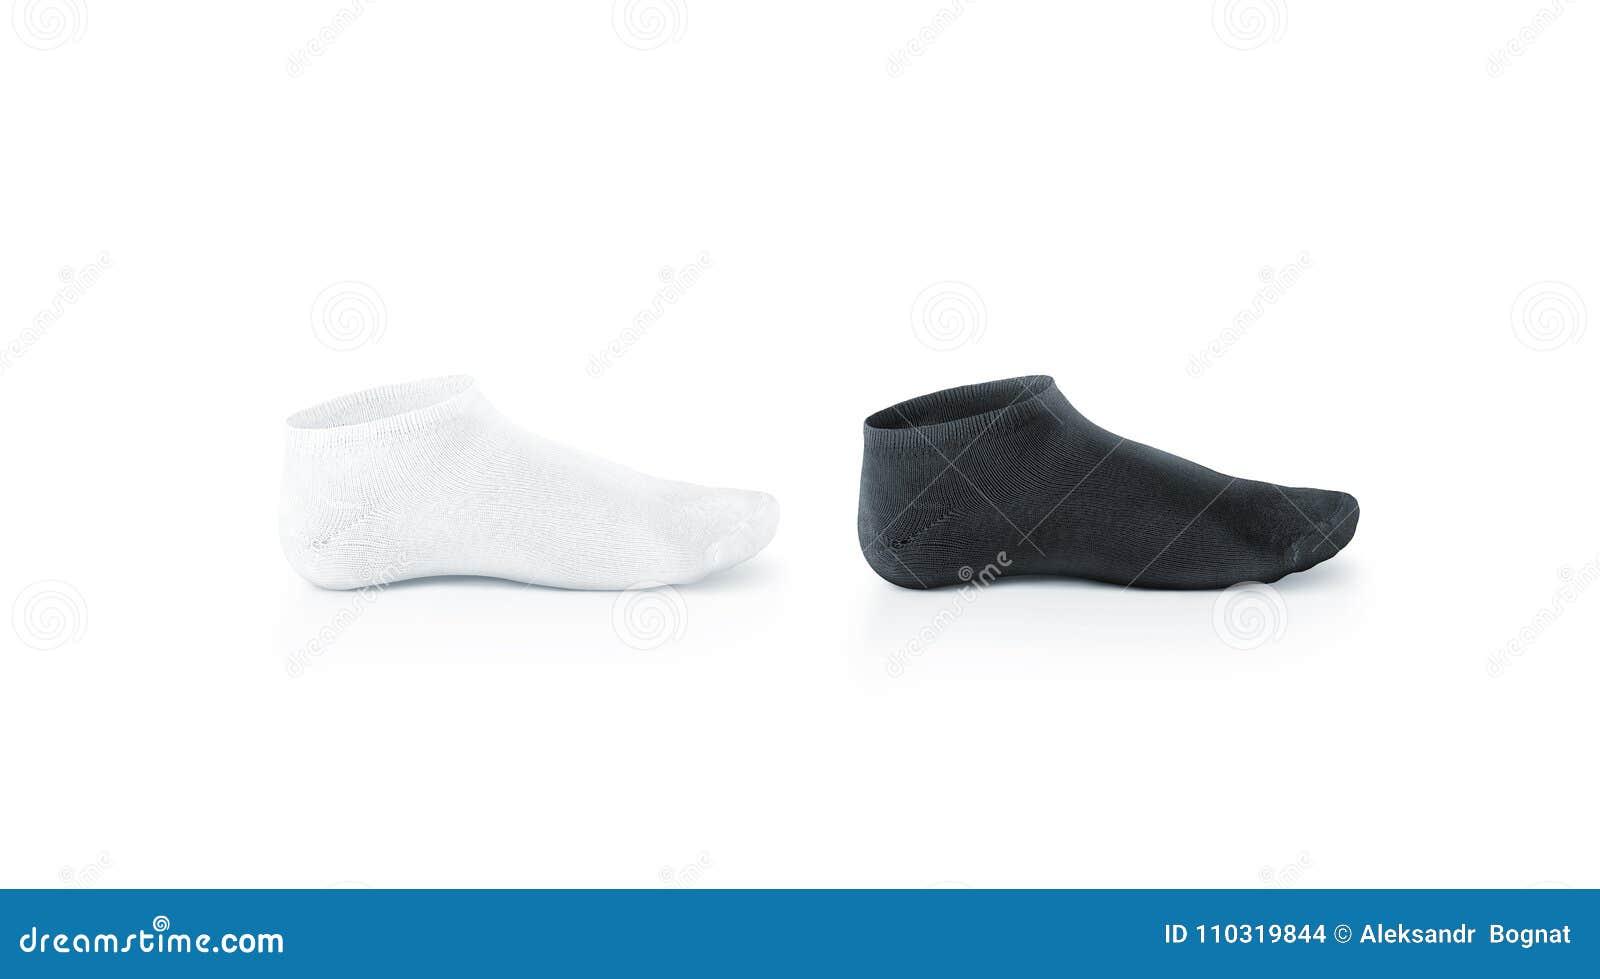 空白的黑白短的袜子设计大模型,被隔绝,